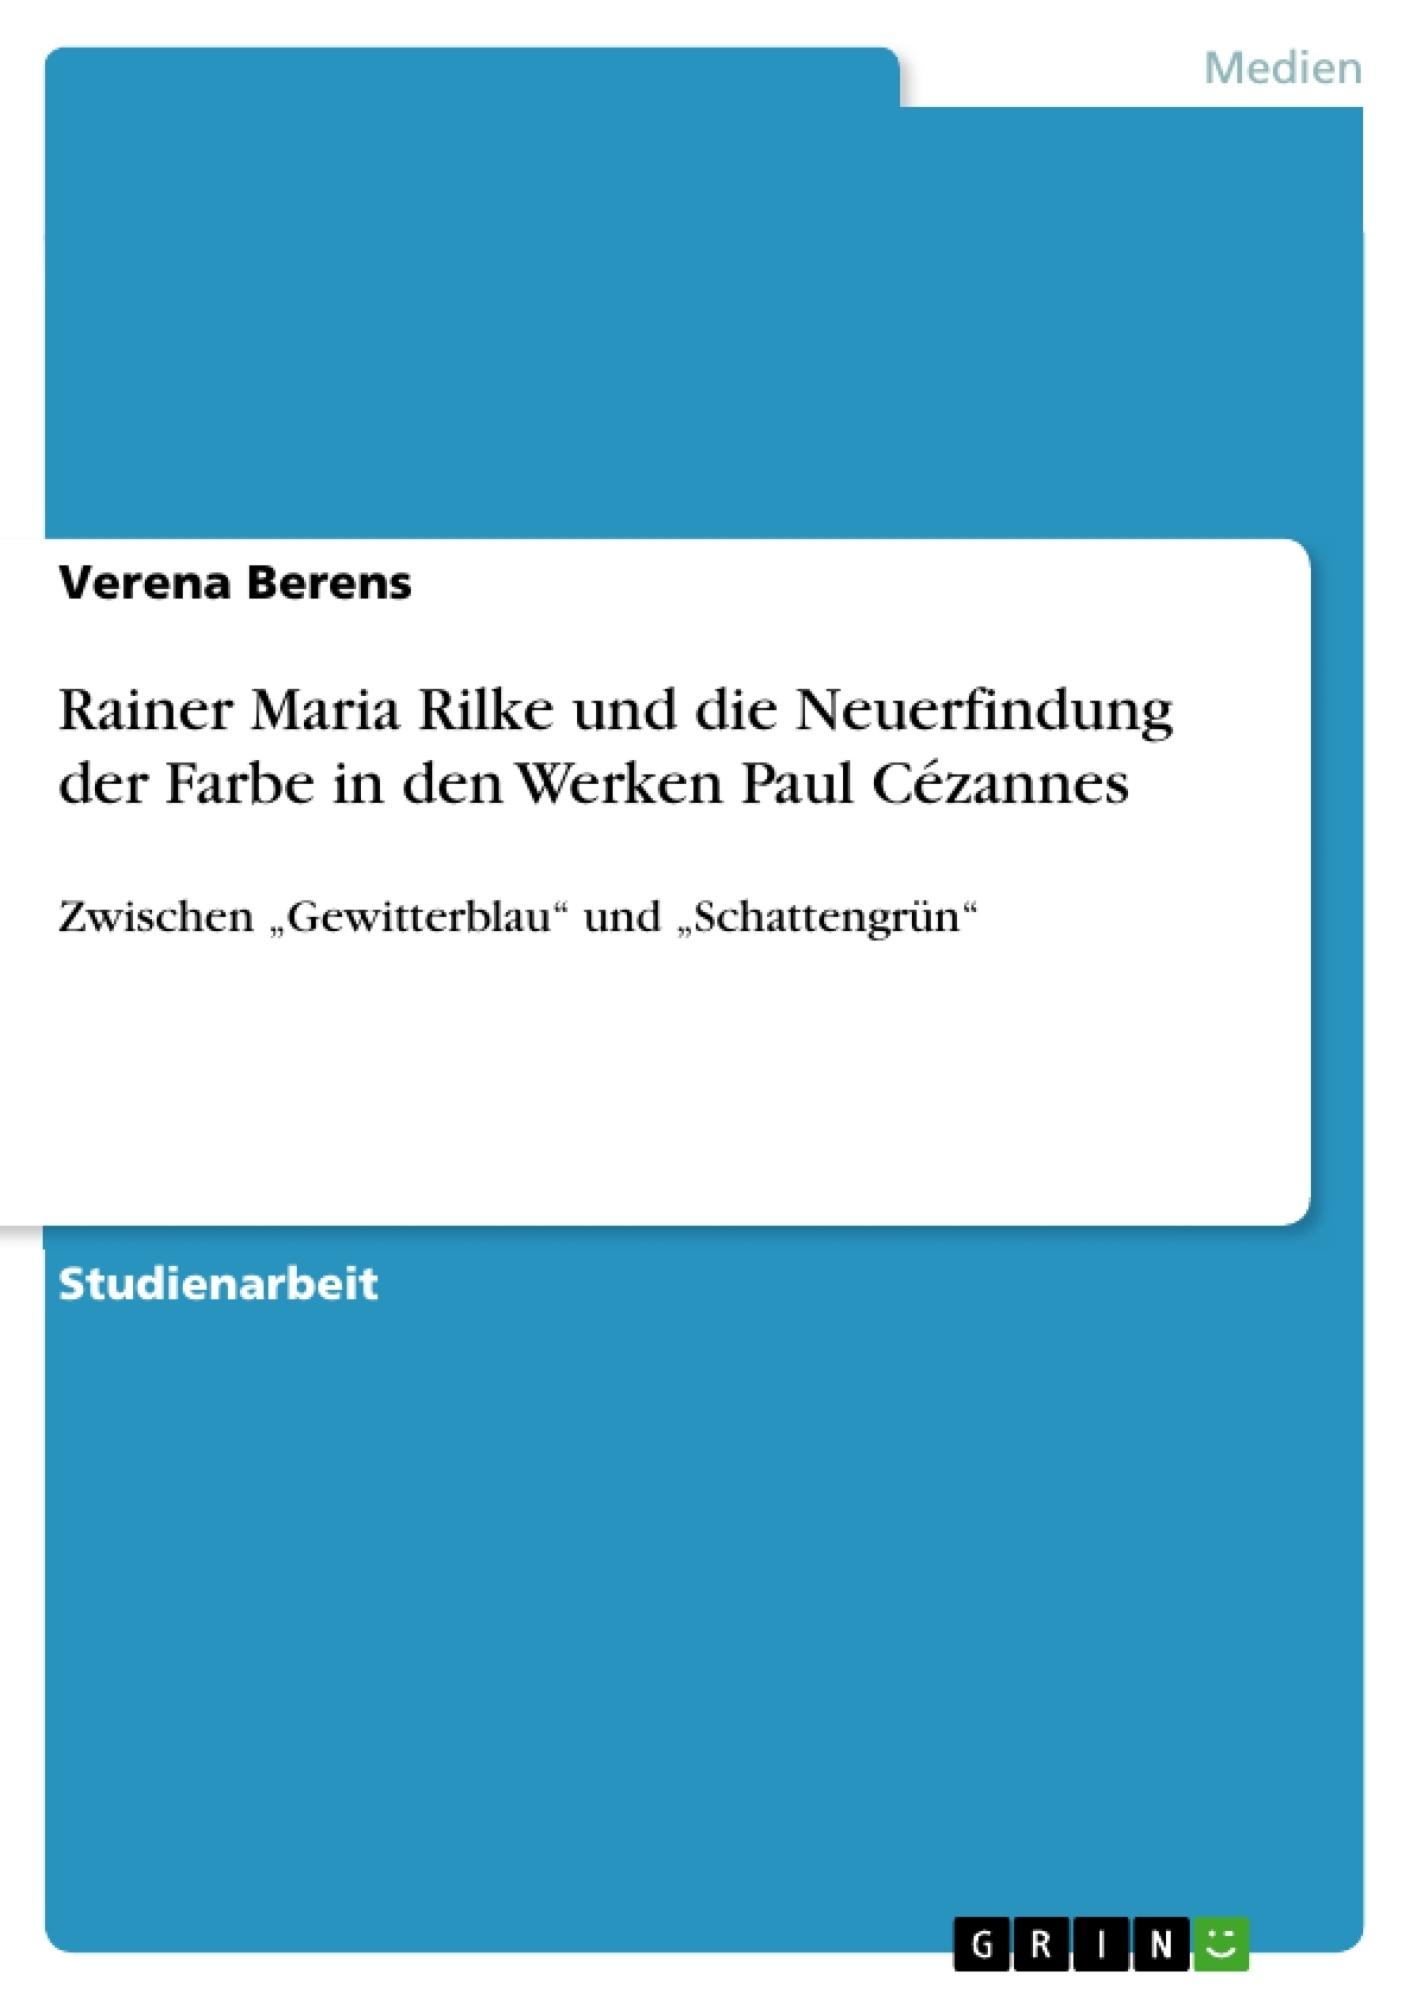 Titel: Rainer Maria Rilke und die Neuerfindung der Farbe in den Werken Paul Cézannes